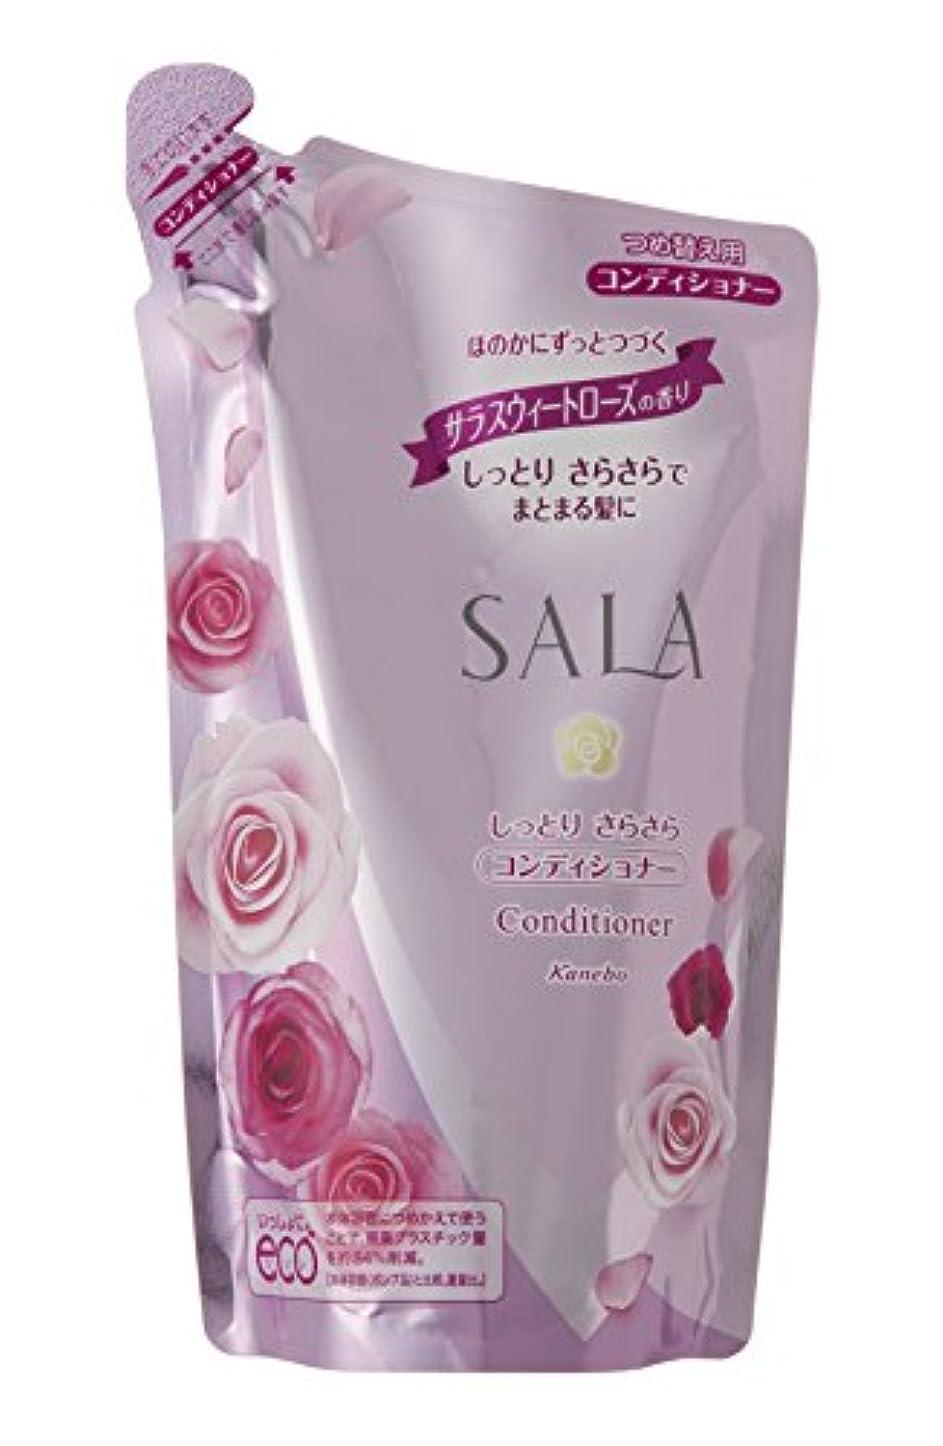 布技術者獲物サラ コンディショナー しっとりさらさら サラスウィートローズの香り